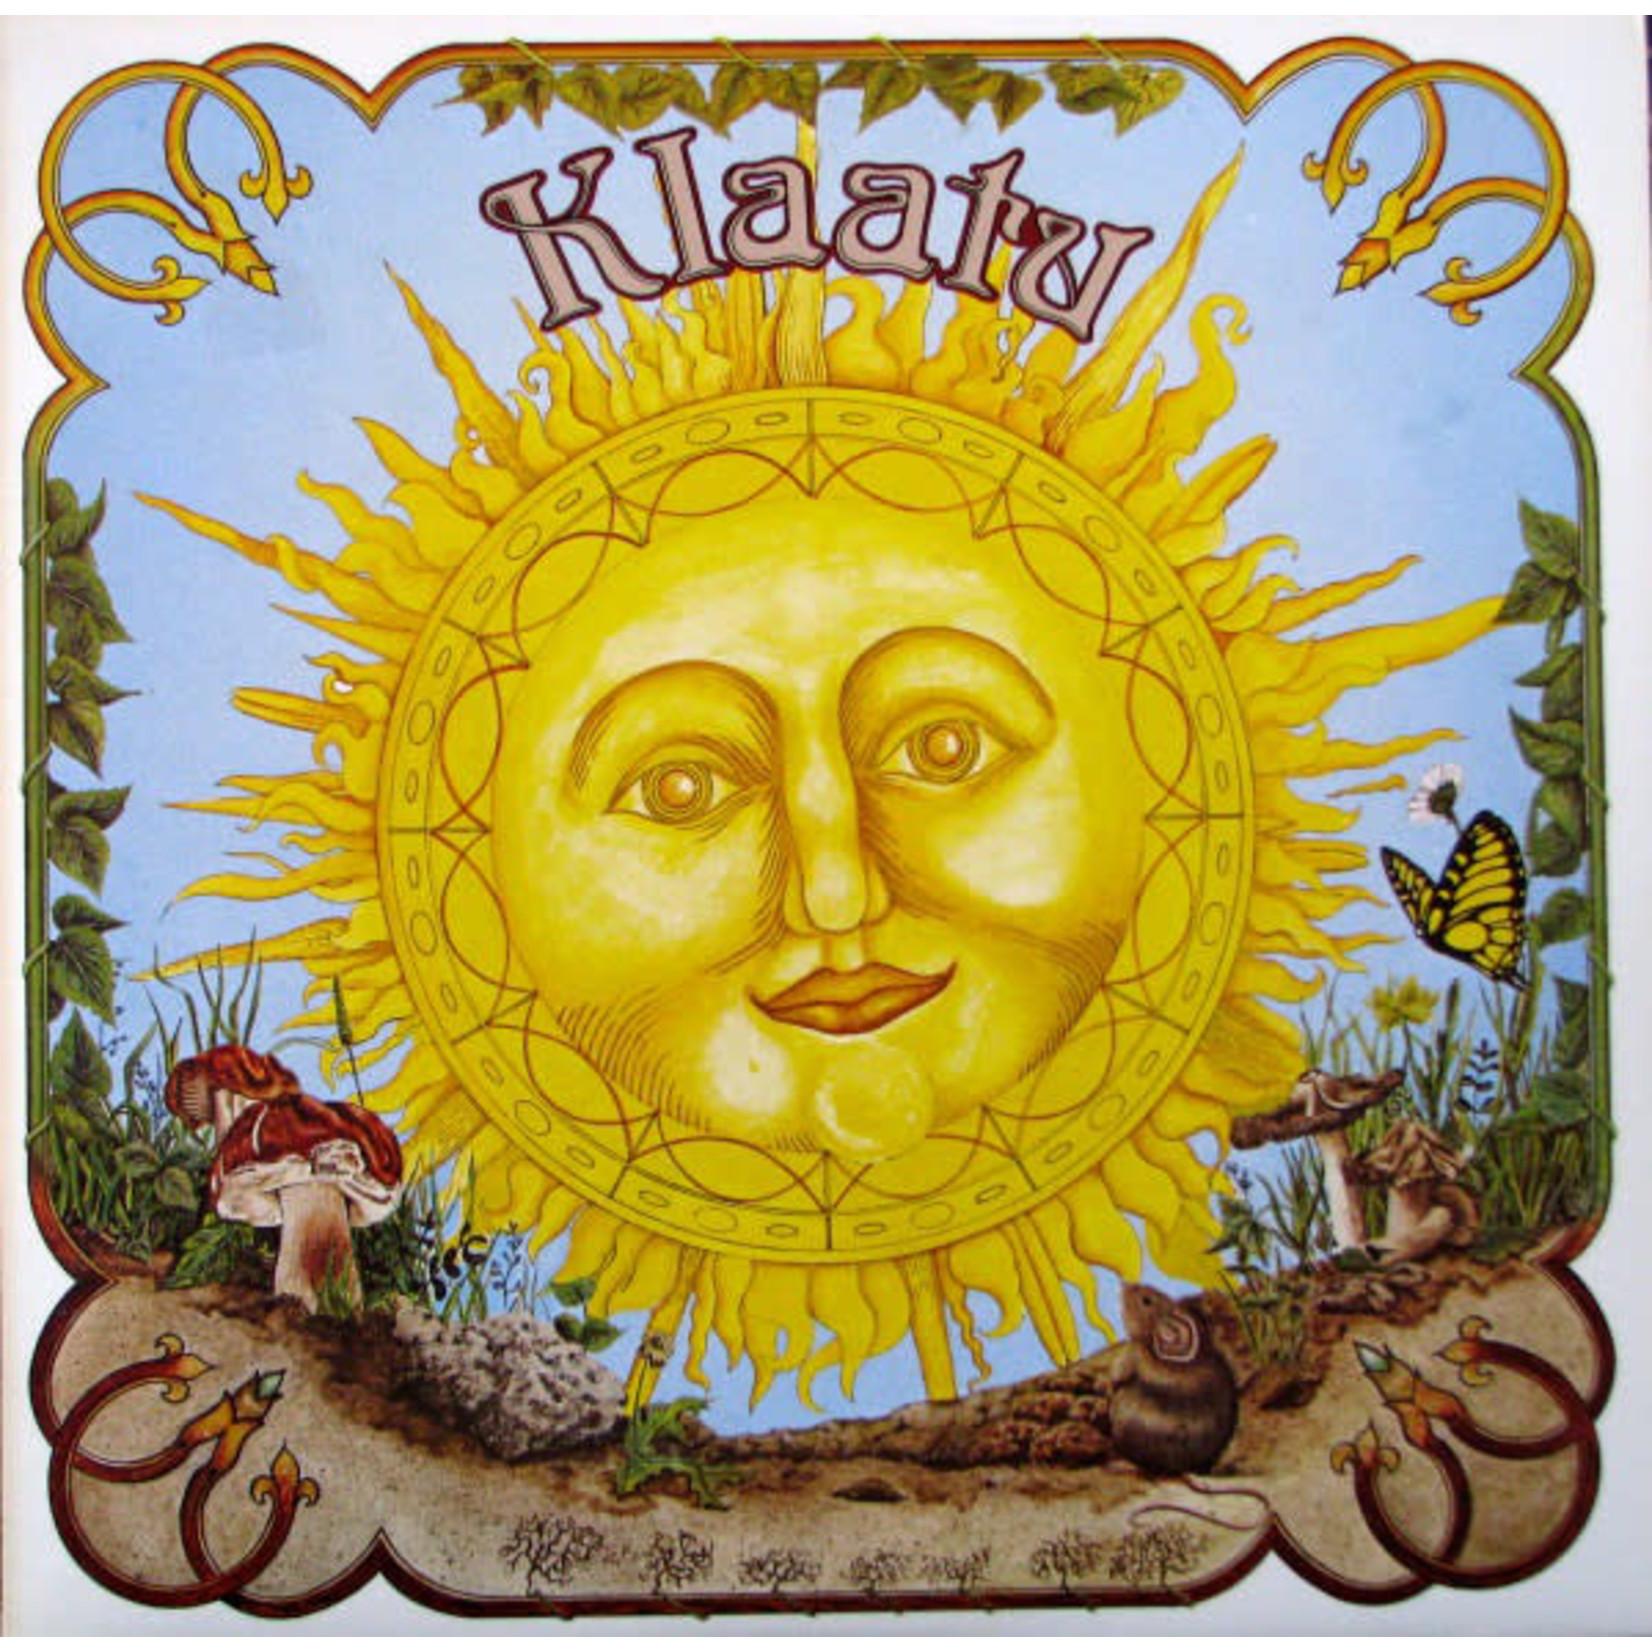 [Vintage] Klaatu: self-titled (3:47 EST)